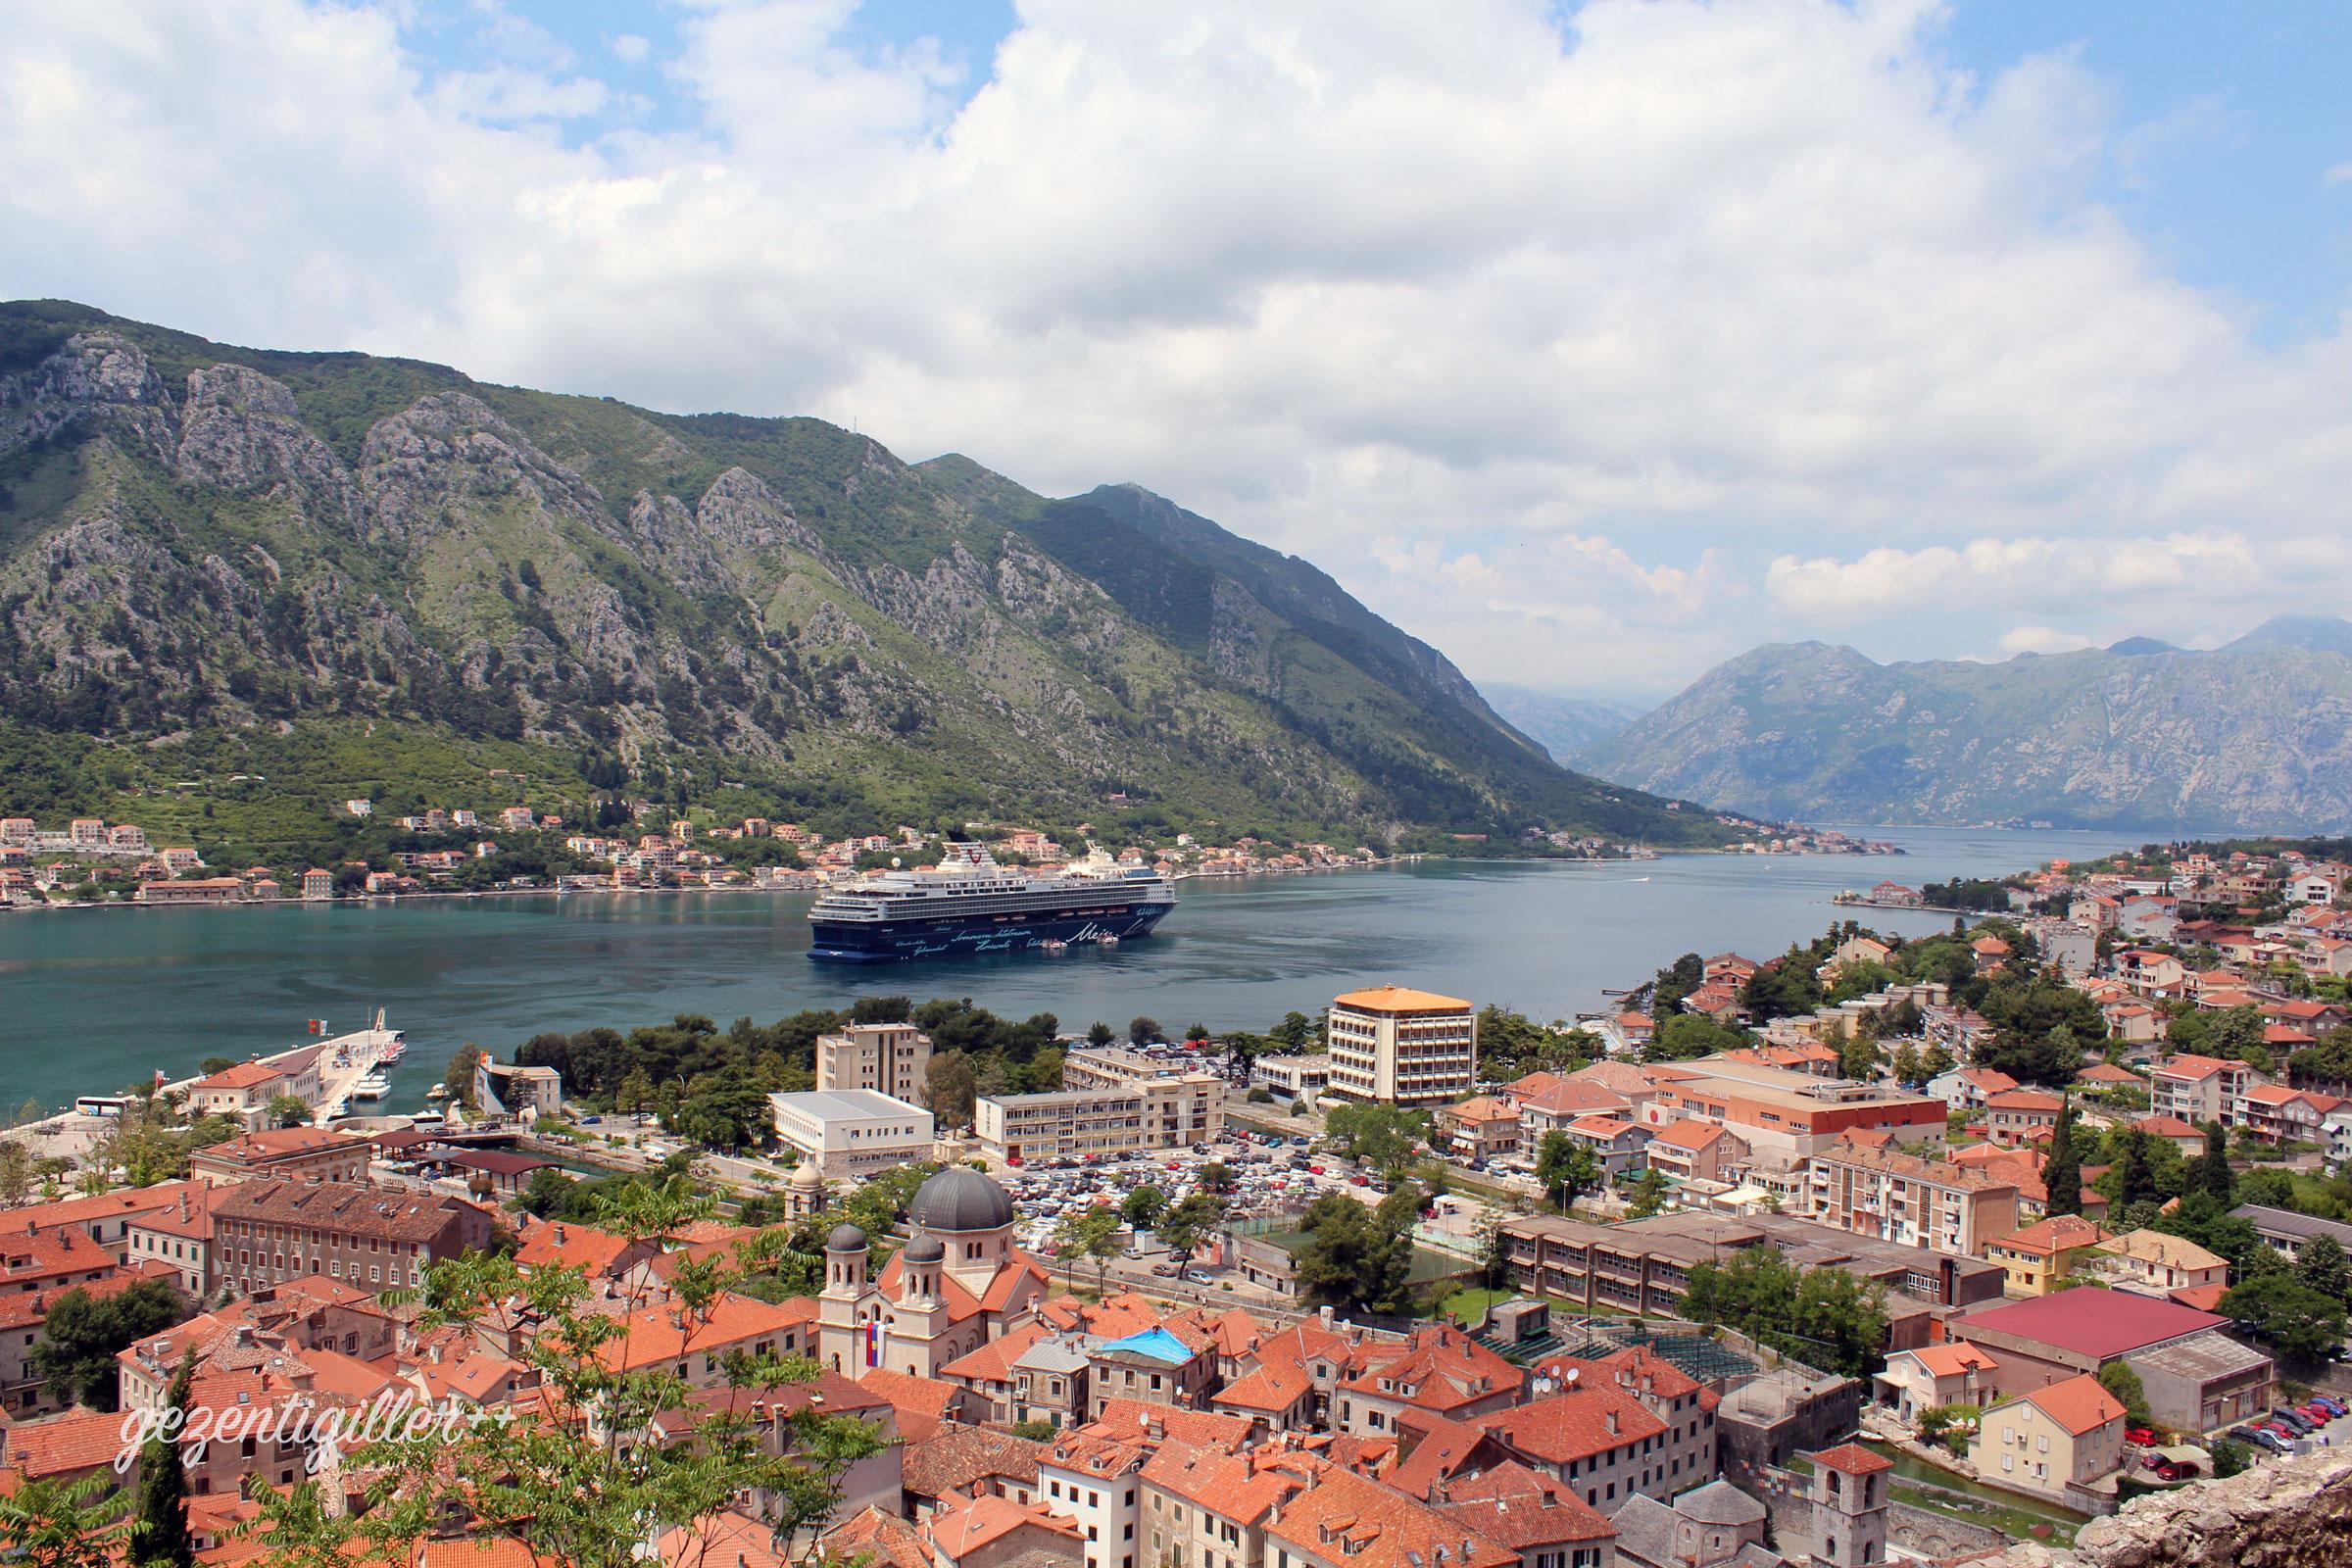 Balkan gezimizin dördüncü günü: Kotor – Budva